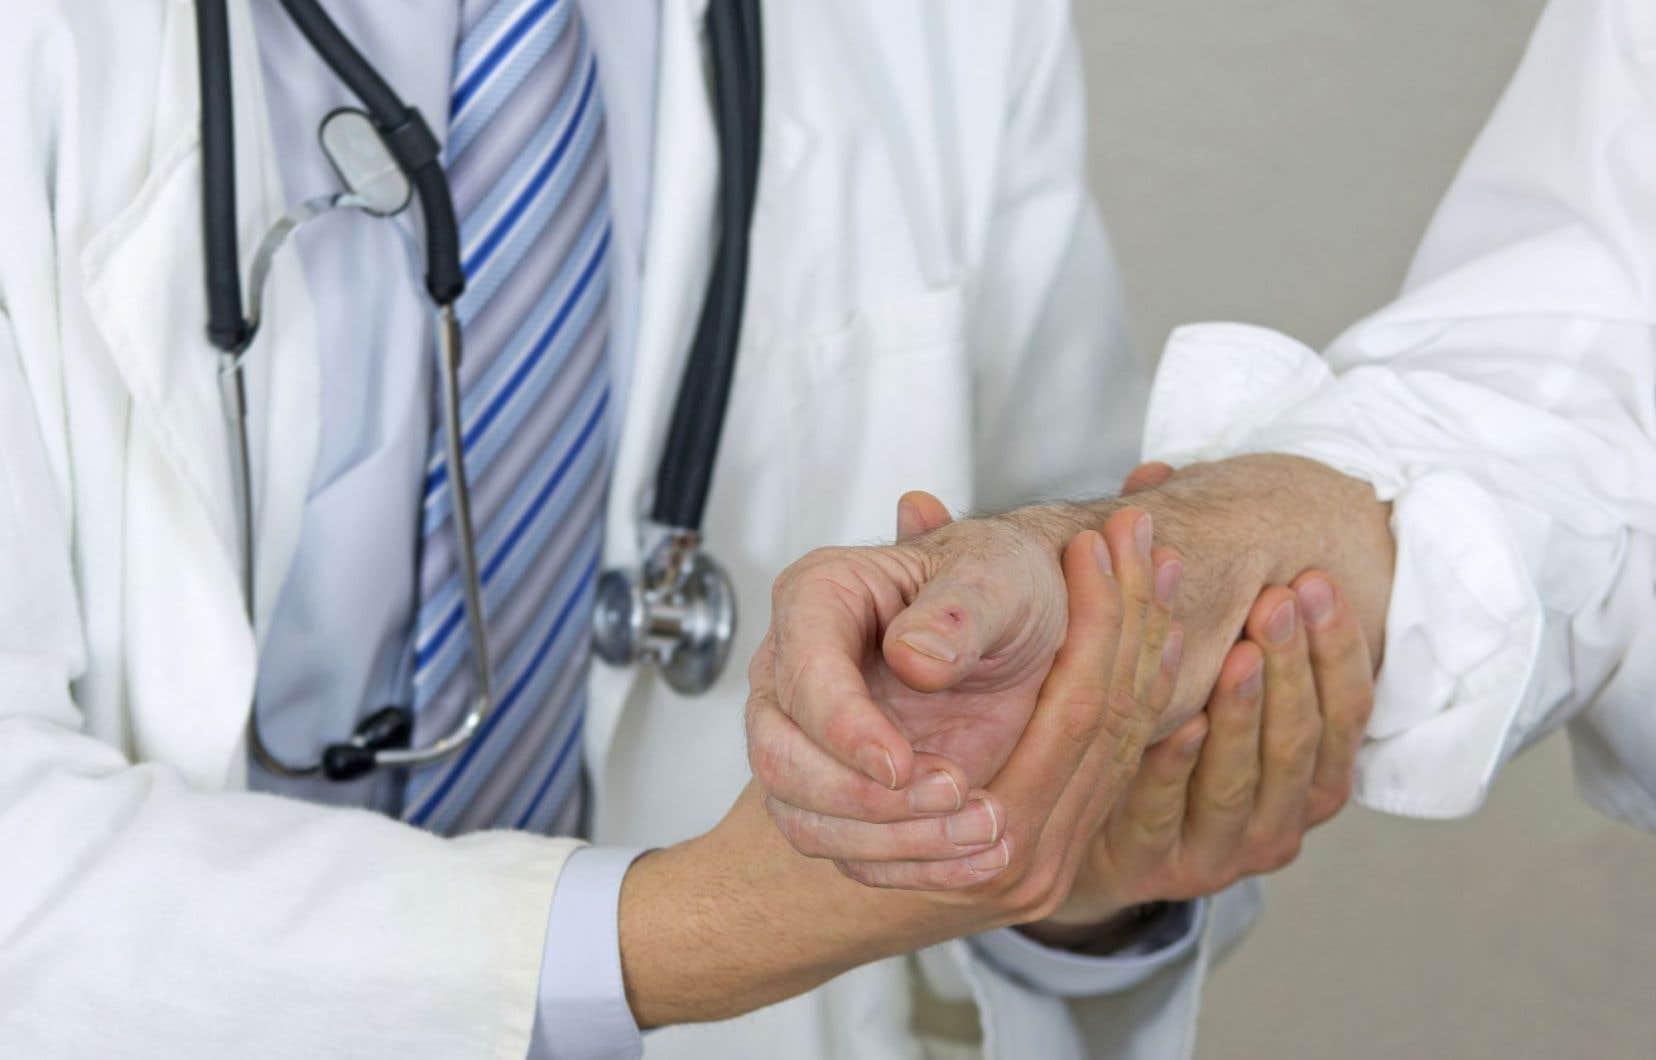 Les médecins qui choisissent de se désaffilier ont le devoir de s'assurer que leurs patients ont accès à un autre médecin. Or, il faut une plainte en bonne et due forme pour que le Collège intervienne.